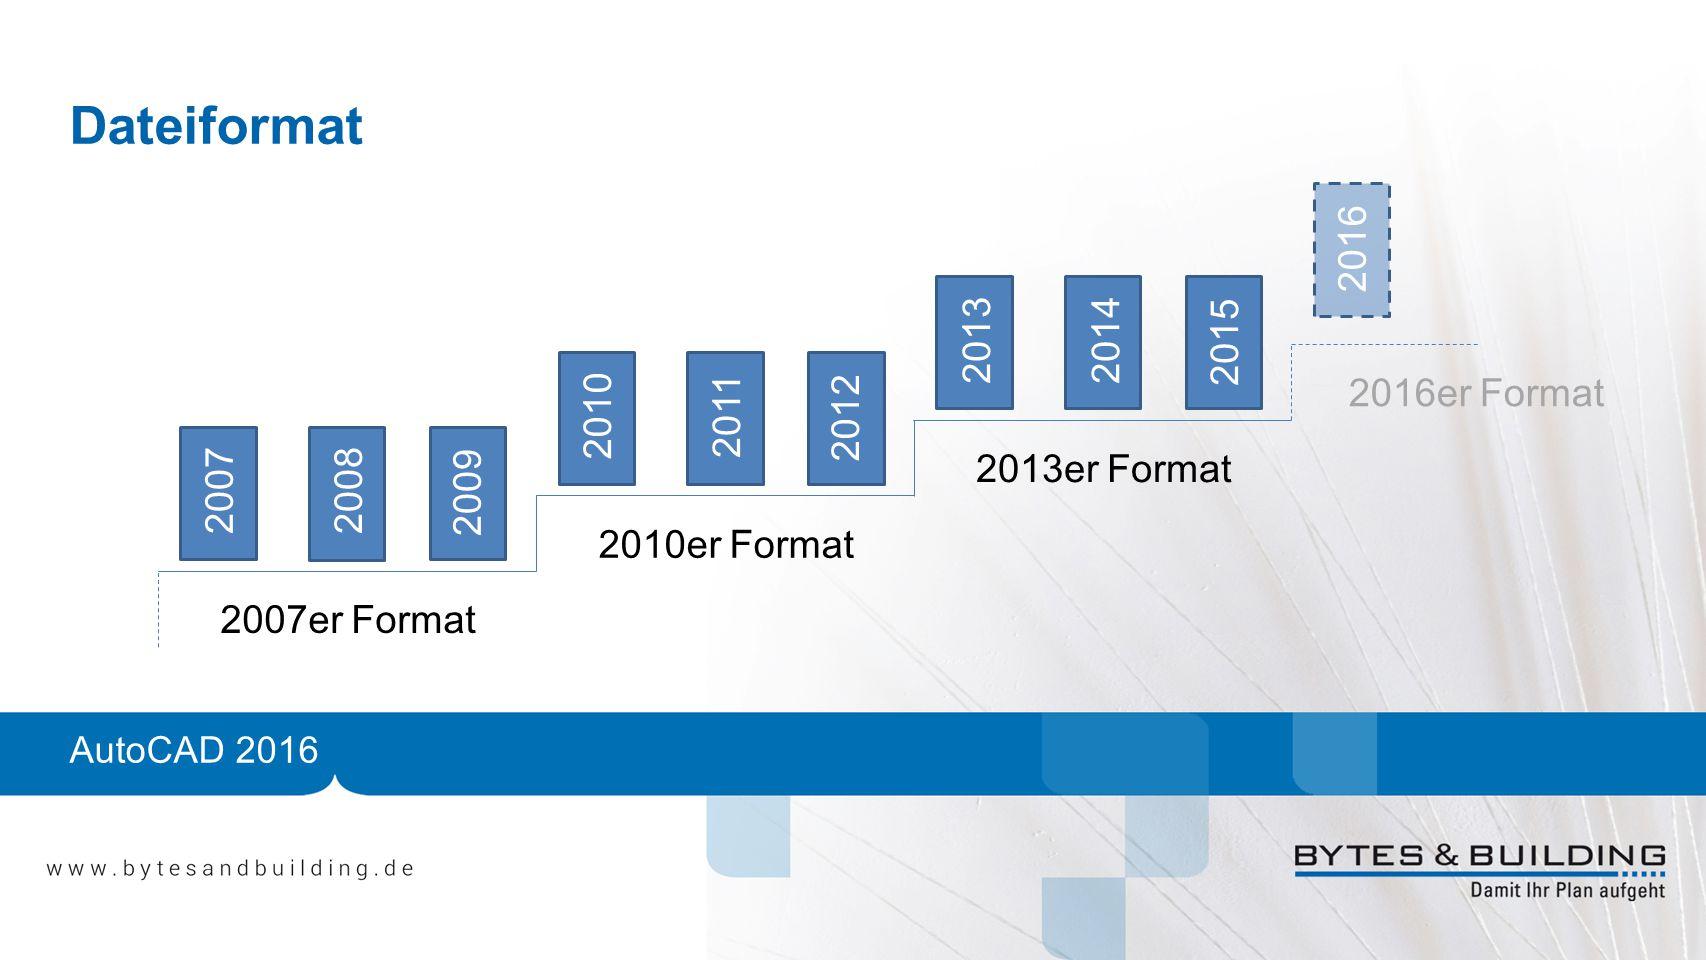 AutoCAD 2016 Dateiformat 20072008 2009 2010 2011 2012 20132014 2015 2016 2007er Format 2010er Format 2013er Format 2016er Format